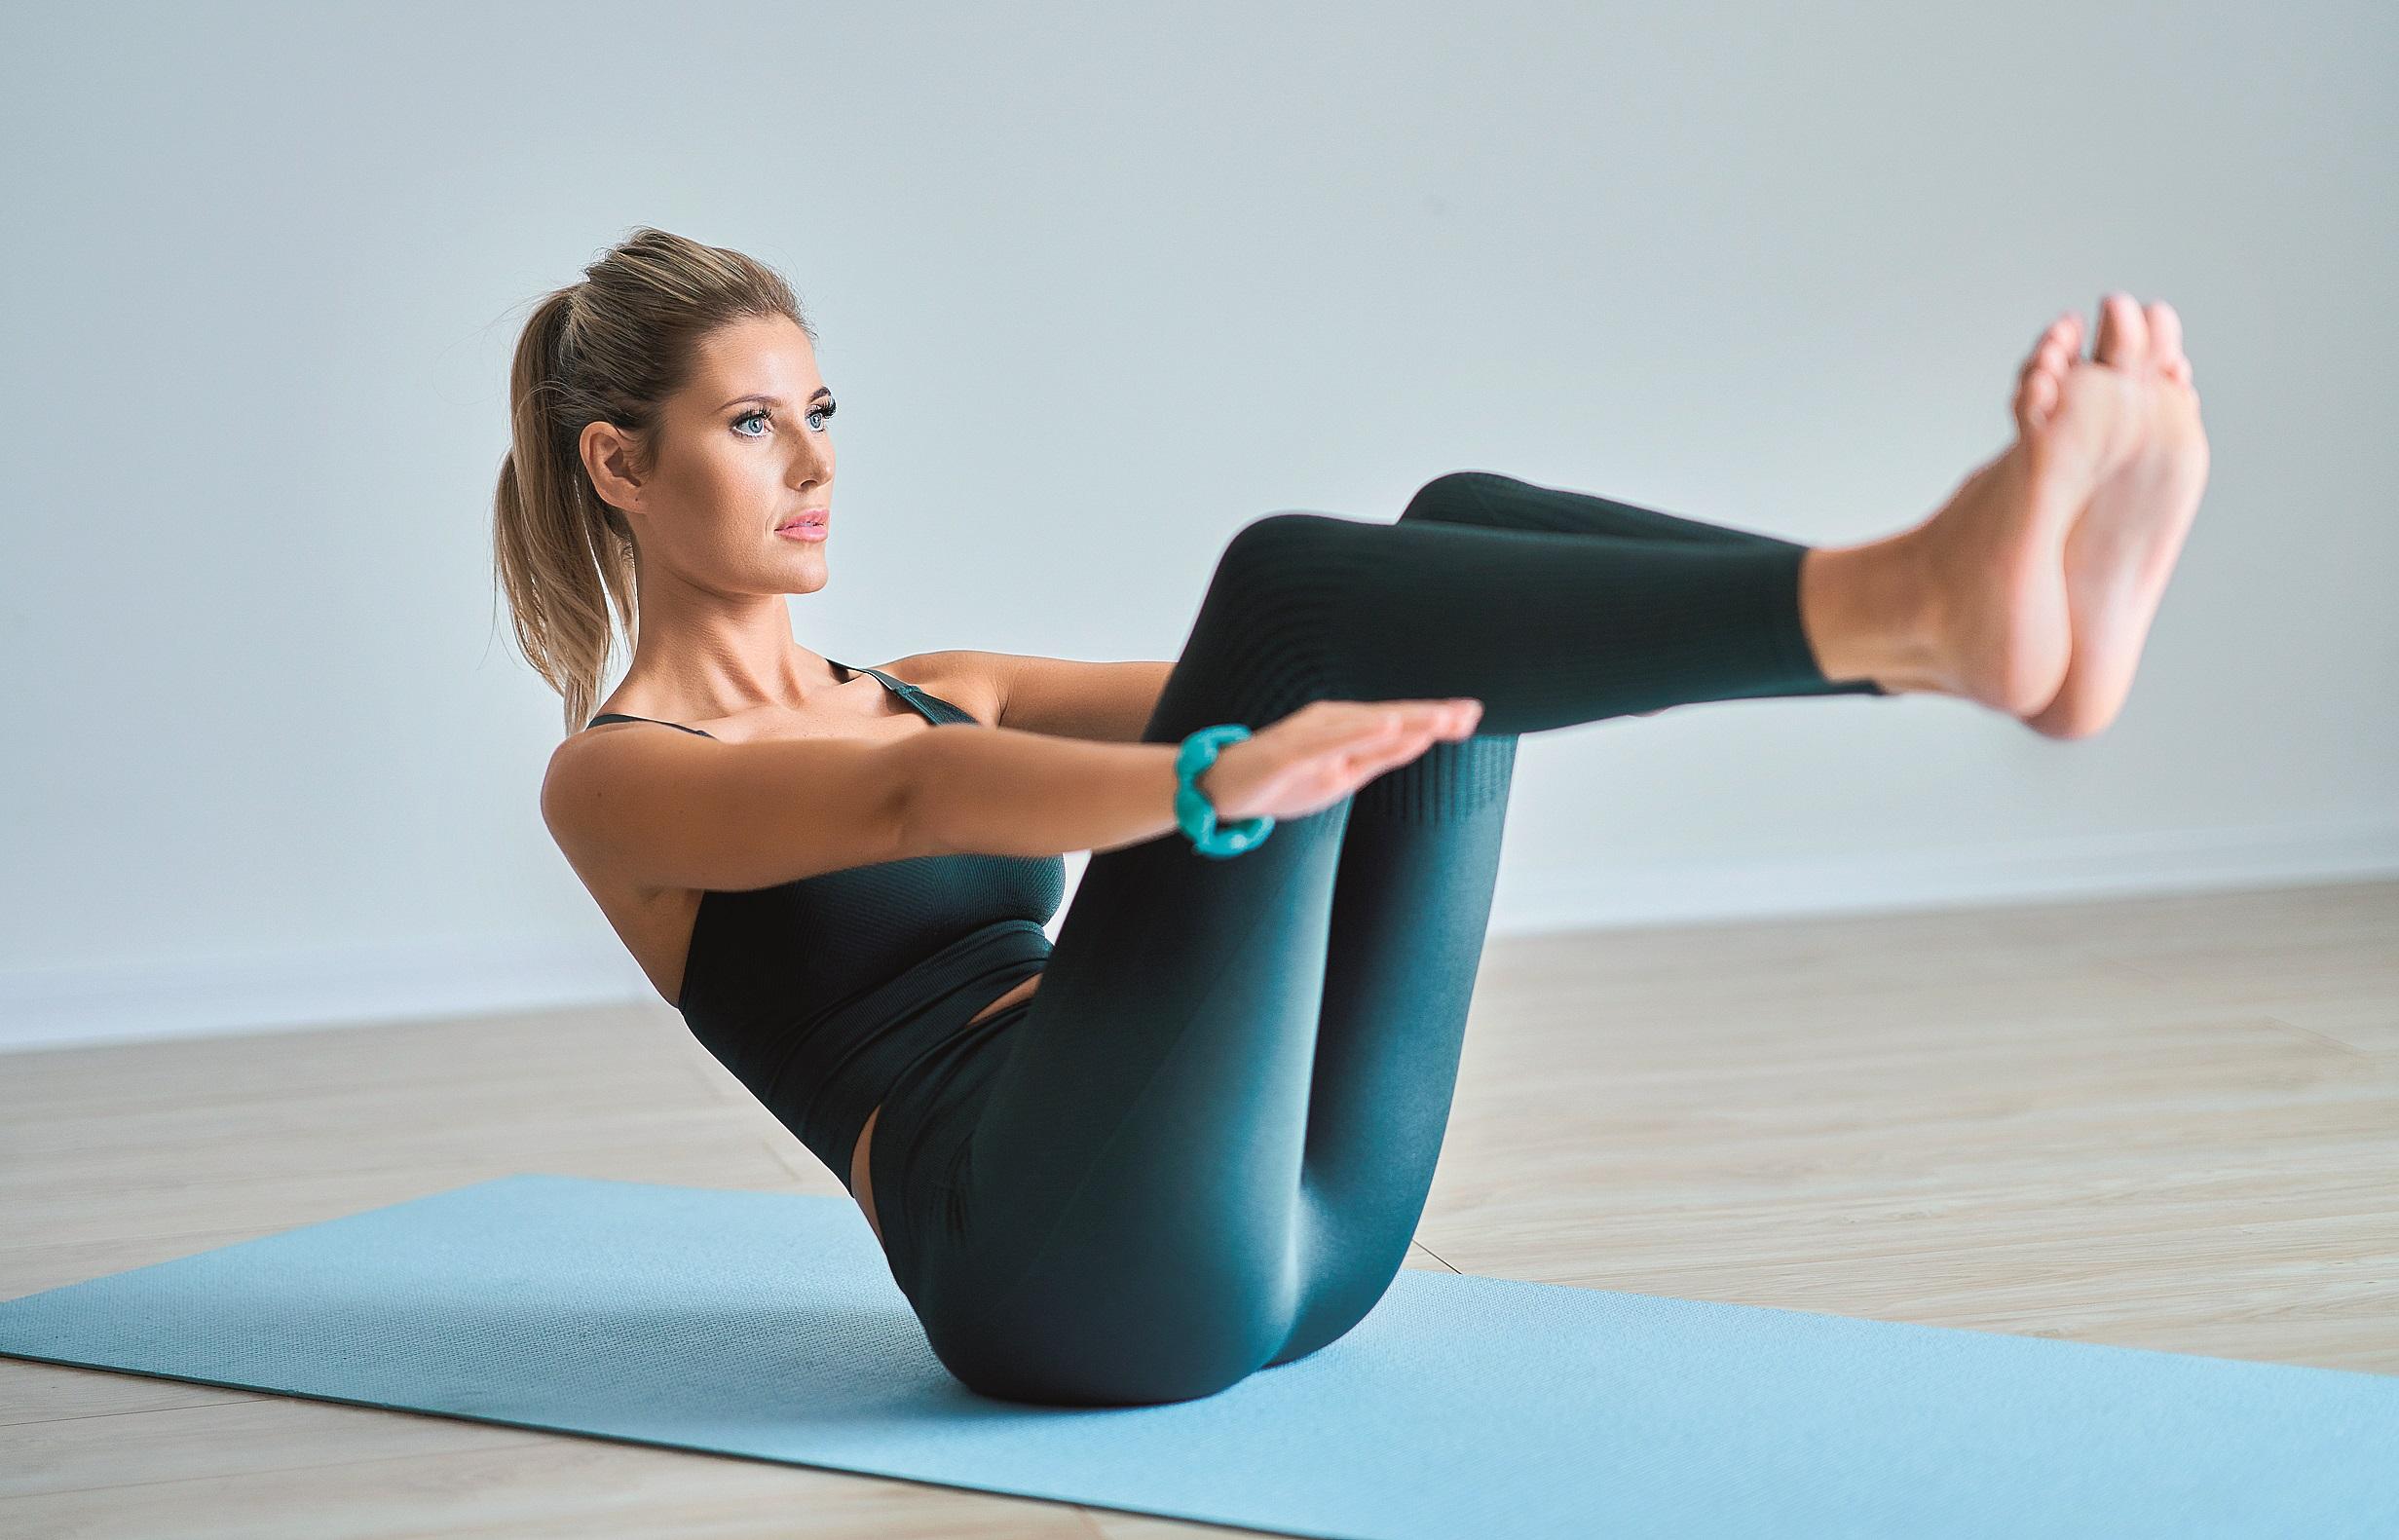 Υπέρταση άσκηση πίεση: Οι κατάλληλες ασκήσεις για μείωση της αρτηριακής πίεσης